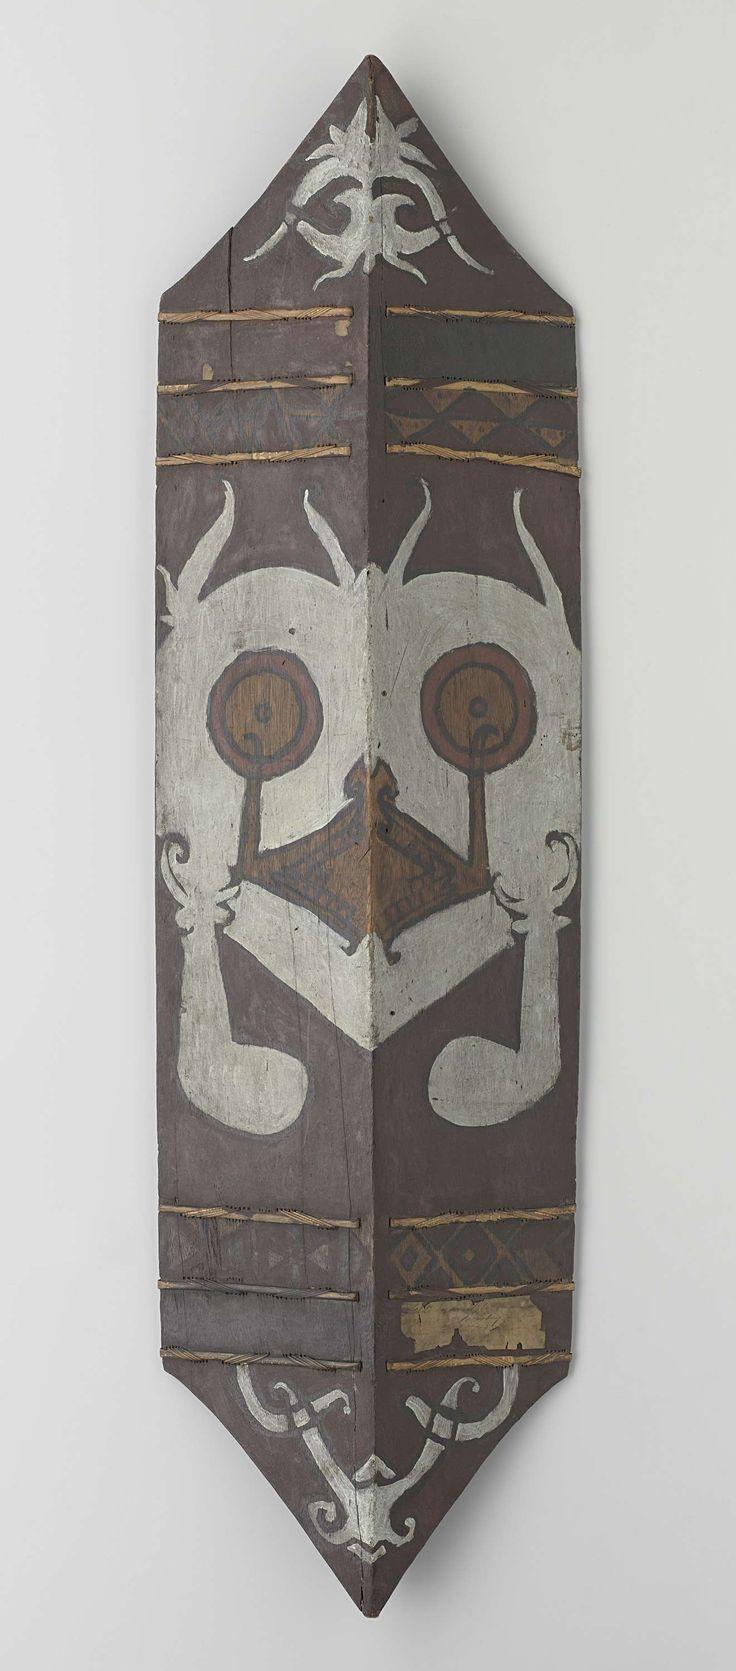 Anonymous | Acehnese shield, Anonymous, before 1877 | Rechthoekig schild aan boven- en onderzijde uitlopend in een punt. In het midden van het schild loopt in de lengterichting een knik naar voren van 15°. Aan de achterkant zit in het midden (in de knik) een handvat. Op de bruine ondergrond is in het midden, over de gehele breedte een symetrische schildering aangebracht. Schildering: een gestileerde kop met 2 ogen en een mond overlopend in een neus. Boven- en onderaan het schild zijn…